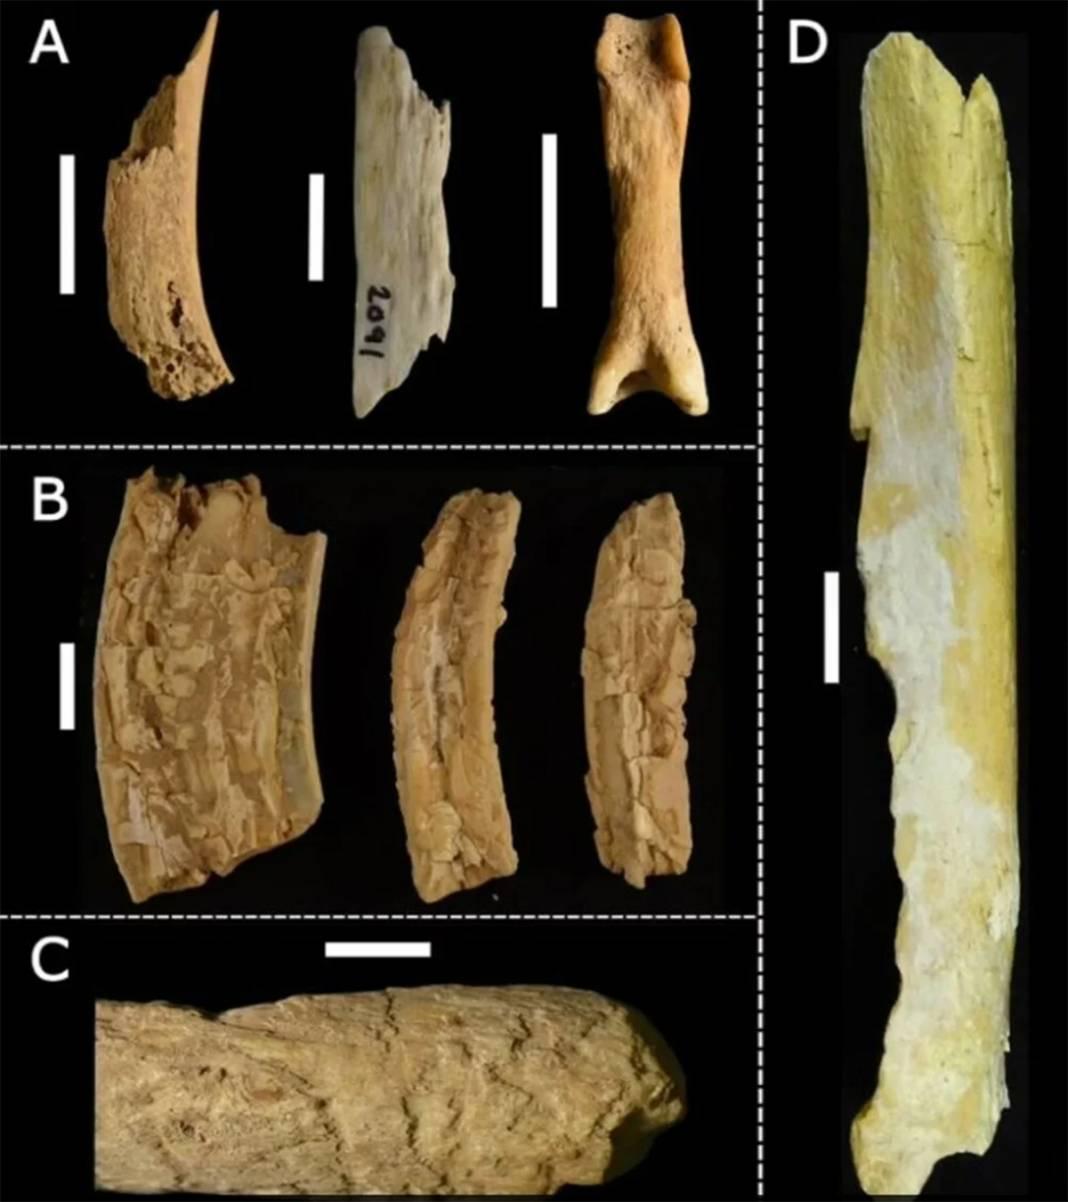 Araştırmacılar yıllarca korkudan giremedi: Mağaradaki on binlerce kemiğin gizemi çözüldü 4